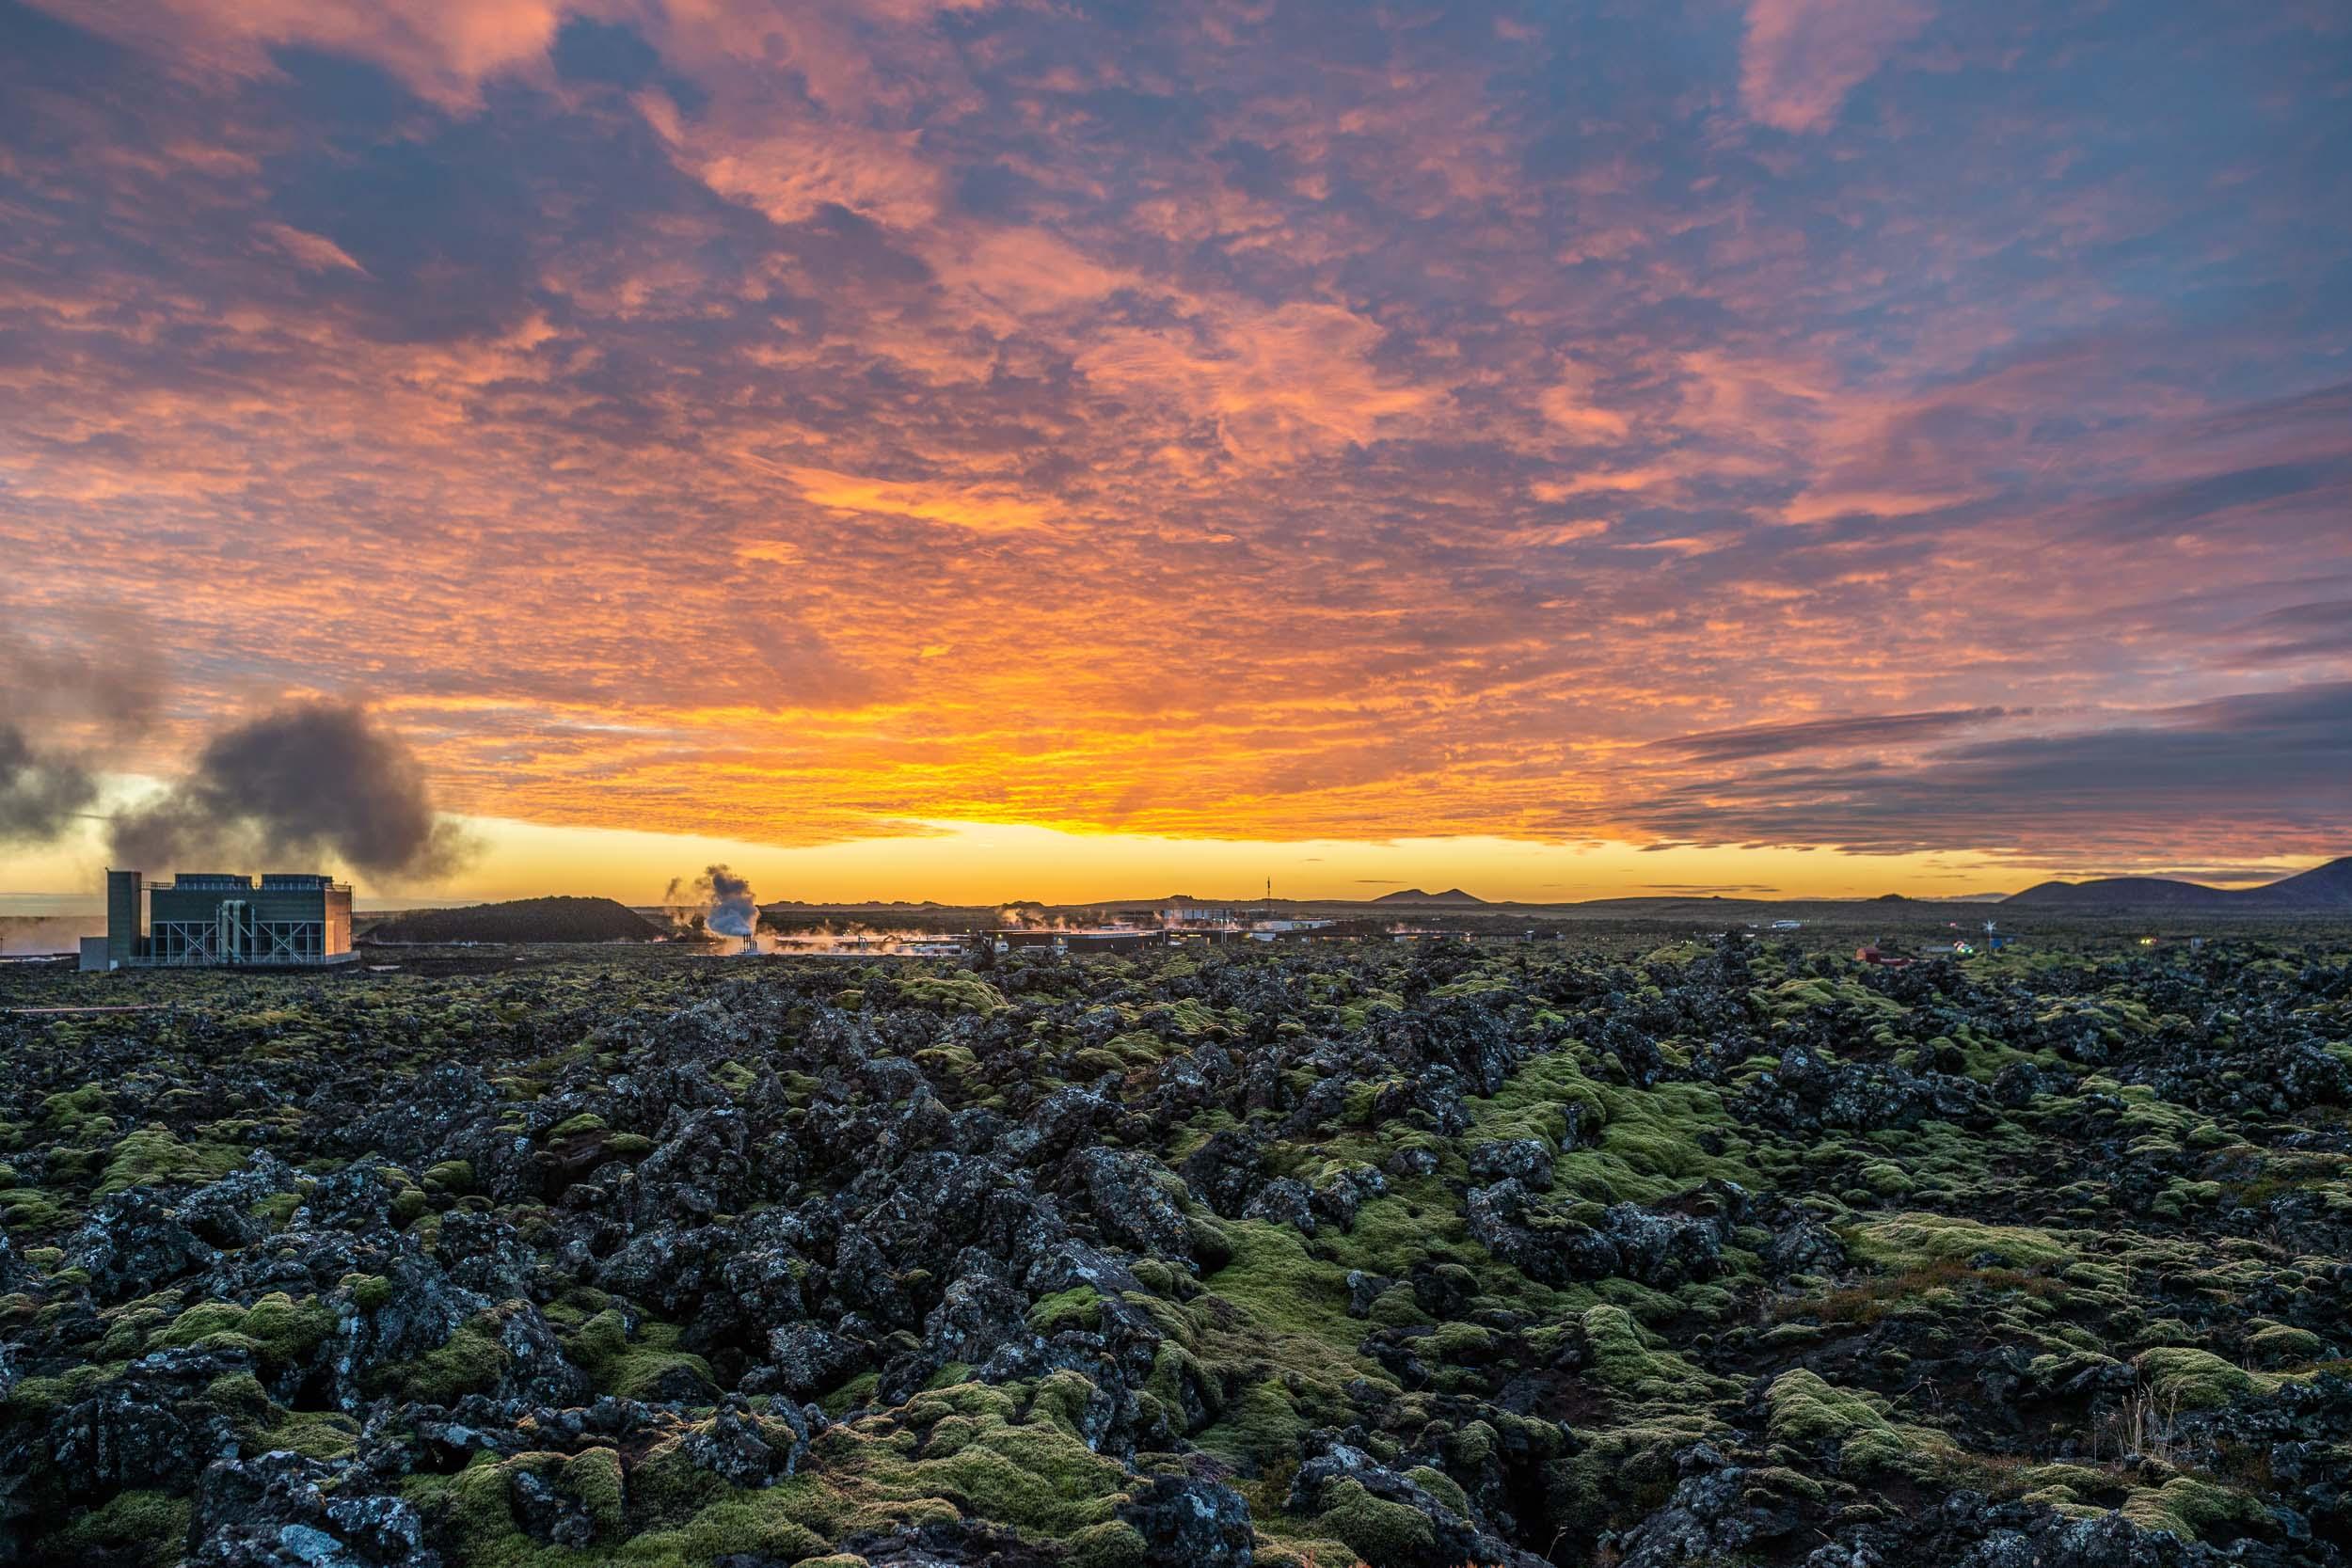 Sunset from Northern Light Inn